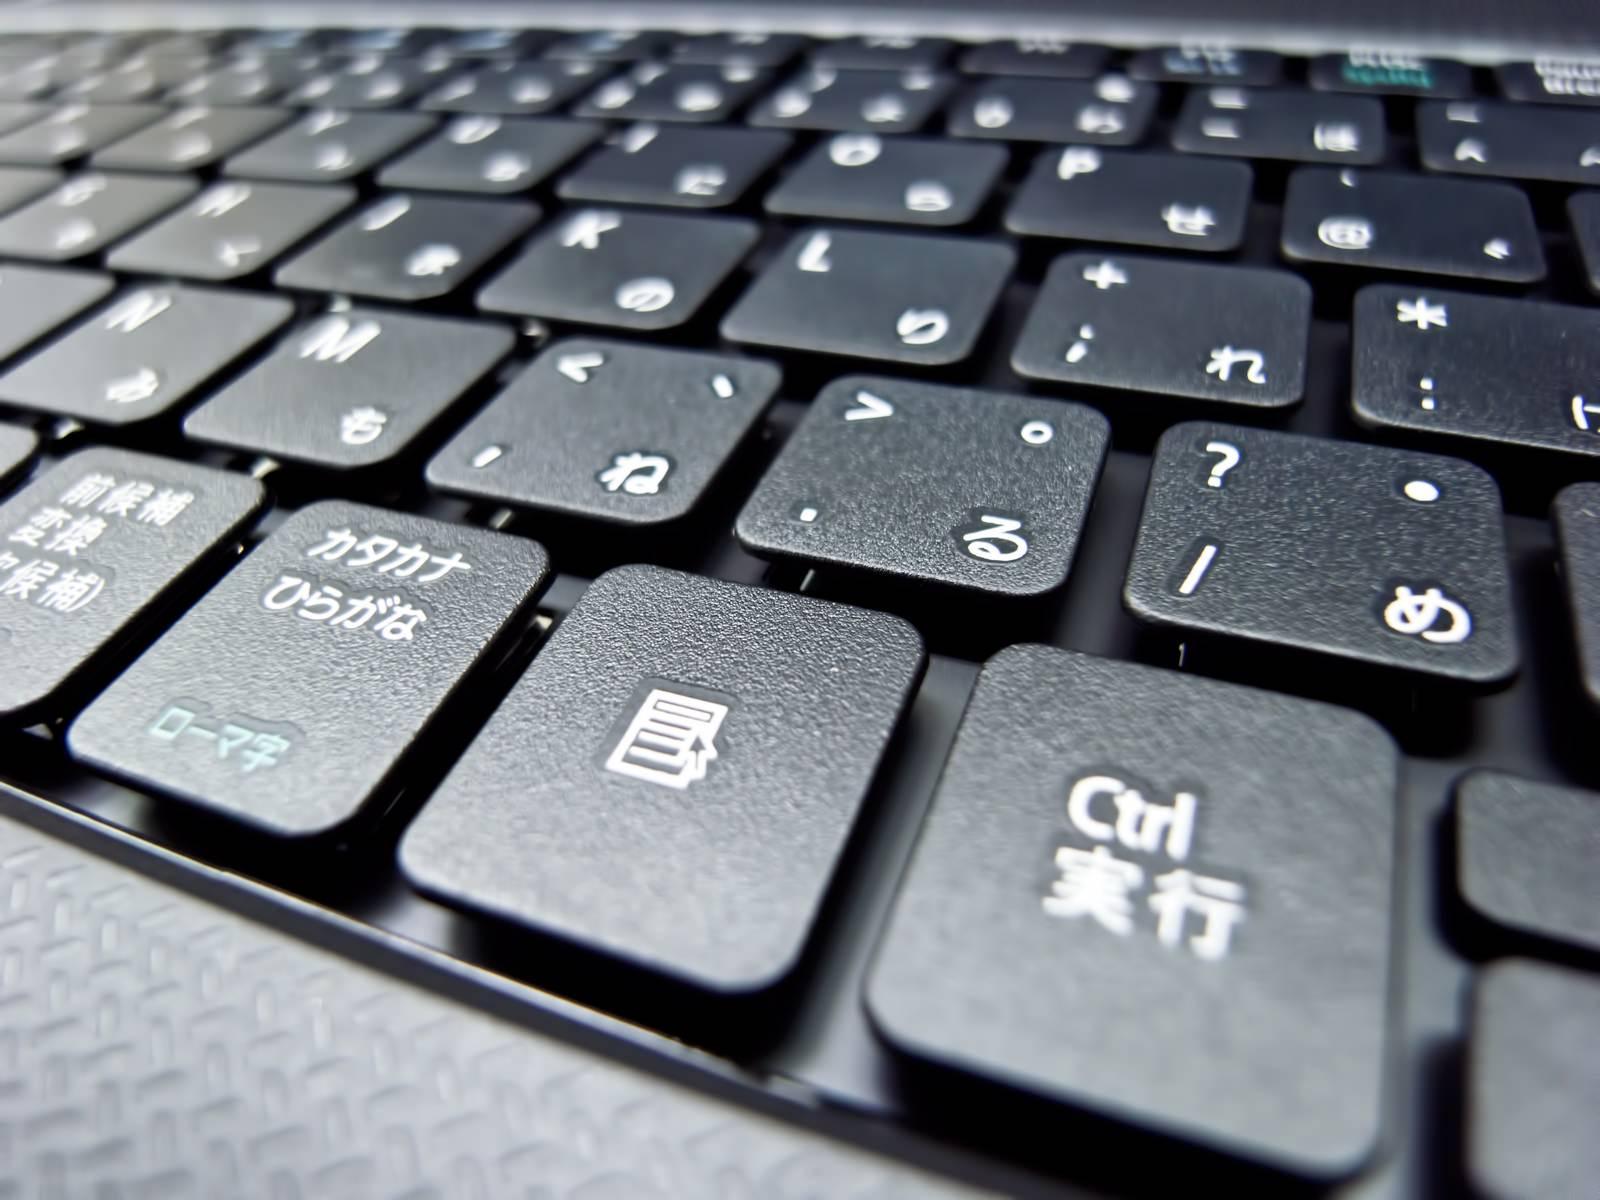 「ノートPCのキーボード(日本語)」の写真